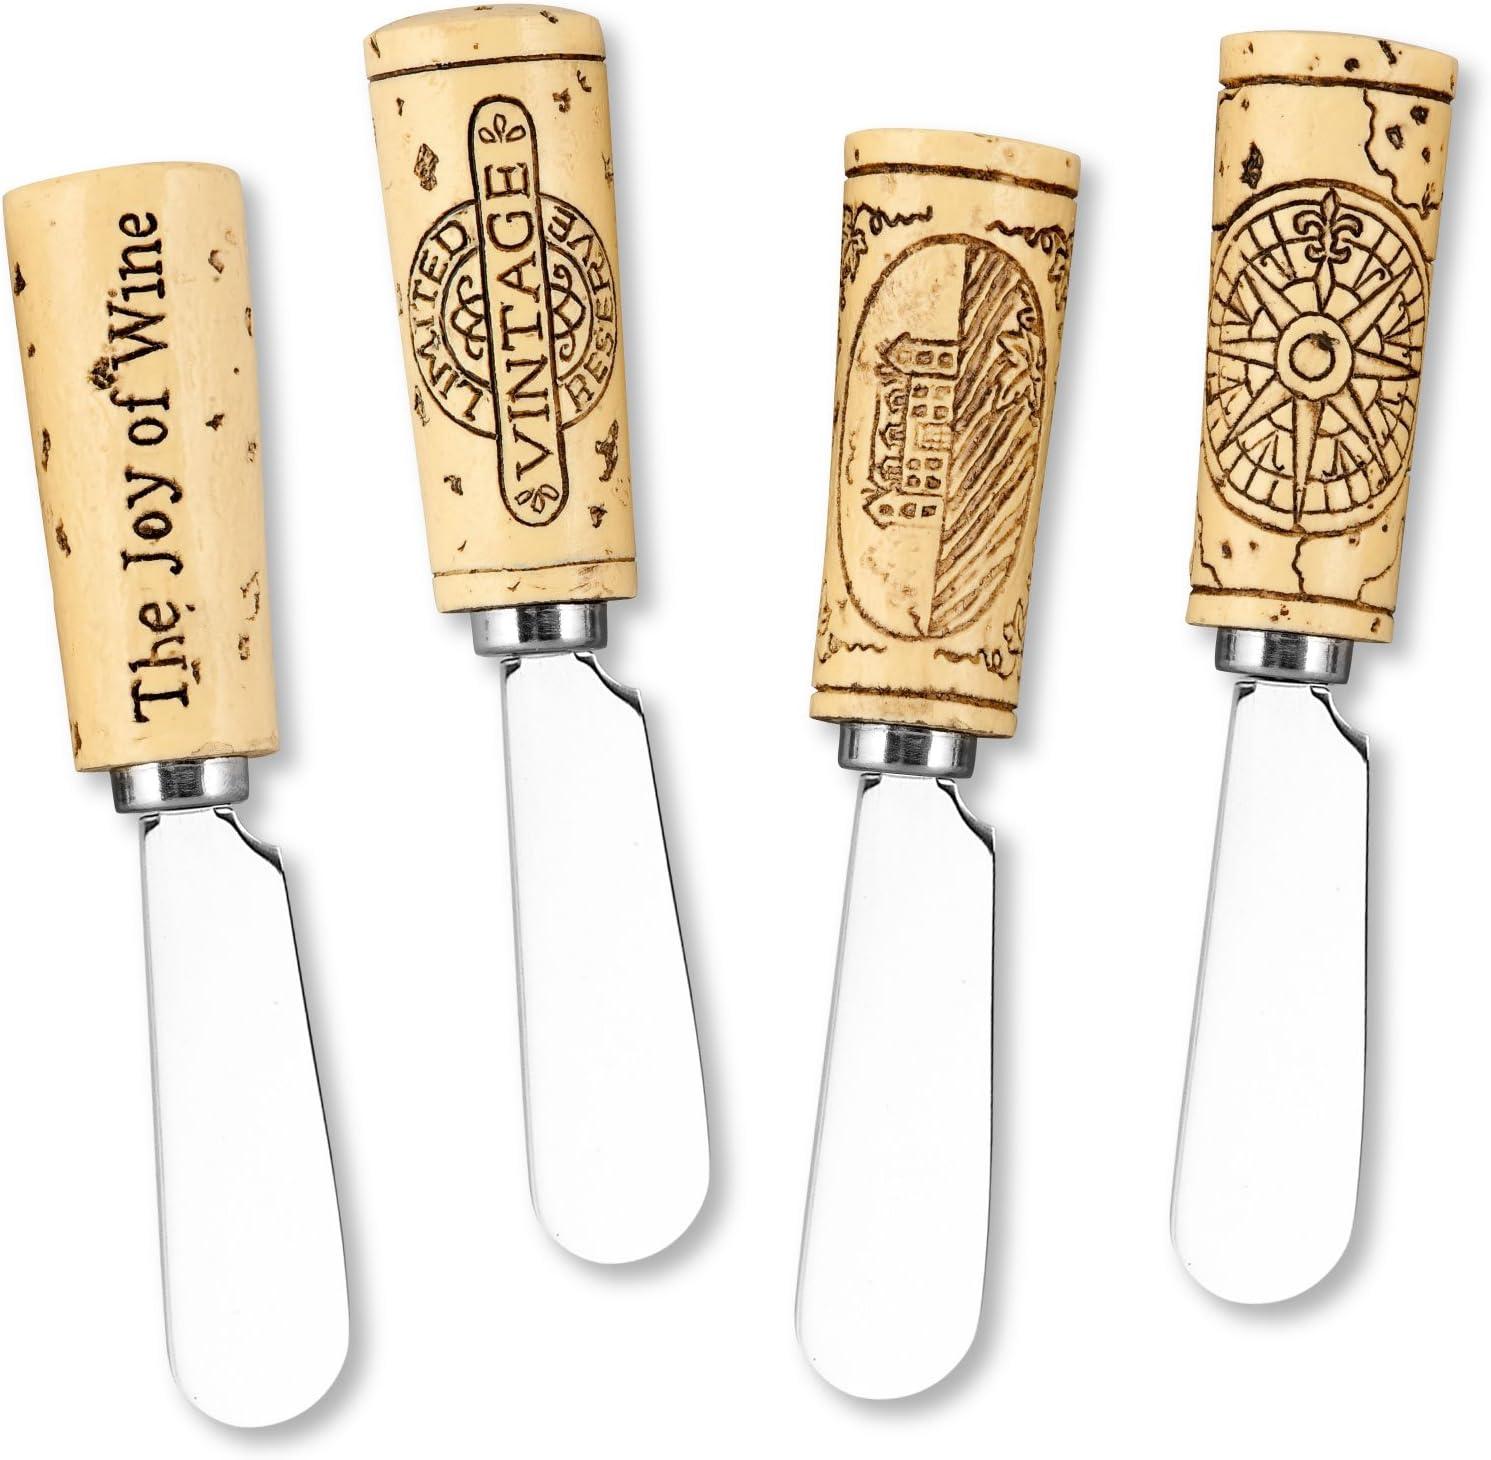 """Supreme Housewares Vintage Wine Cork Resin Cheese Spreaders Set of 4, 5"""", Brown"""